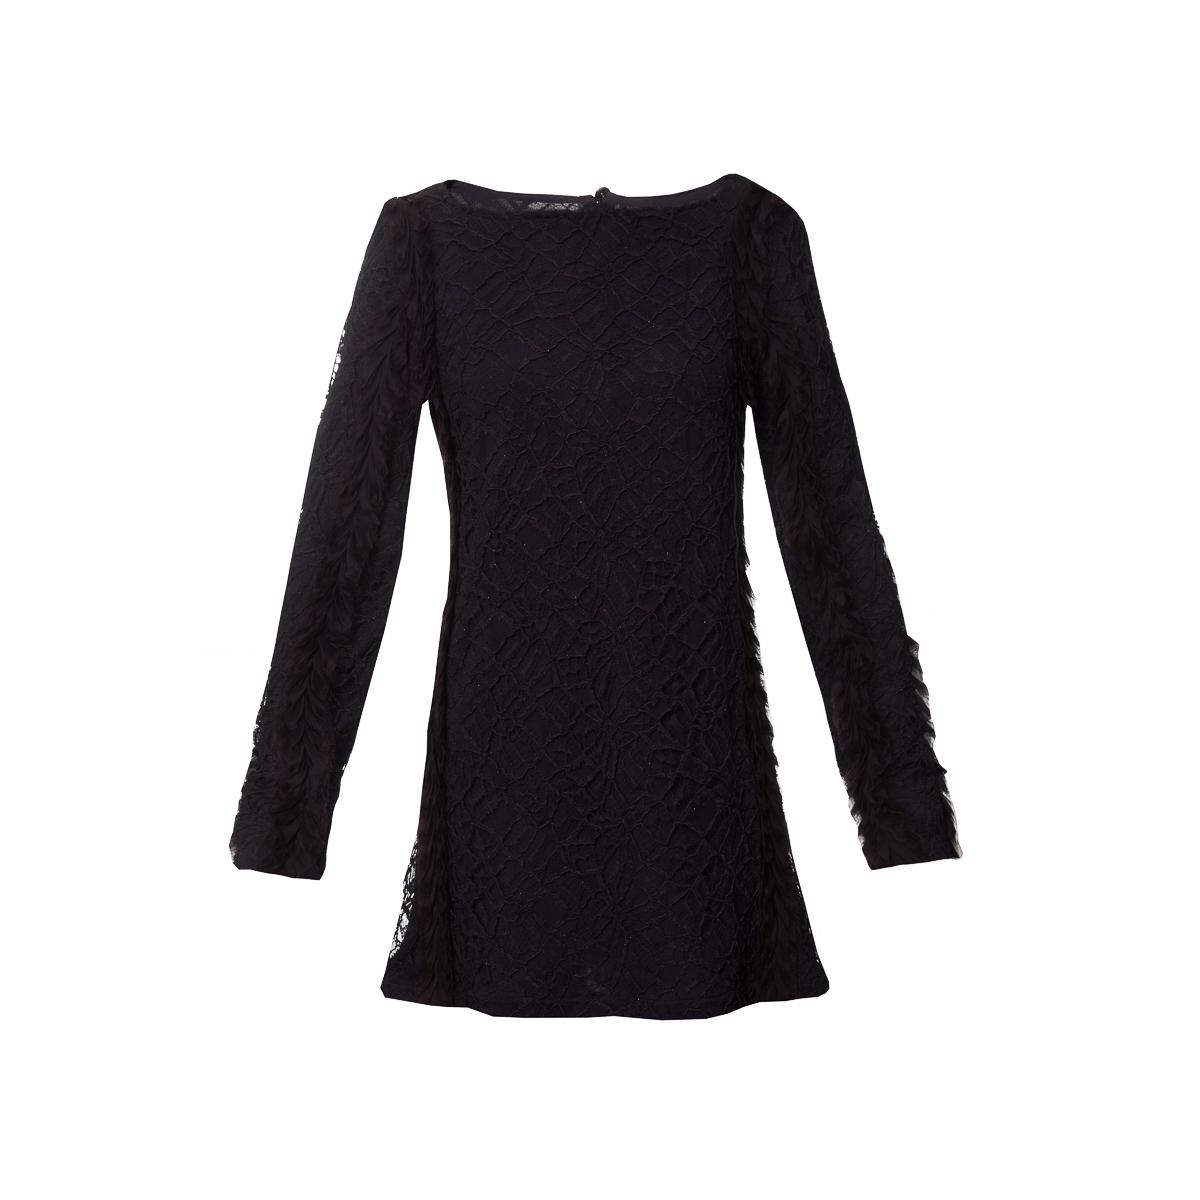 Эффектное коктейльное платье-туника баклажанового цвета от Chanel, 36 размер.